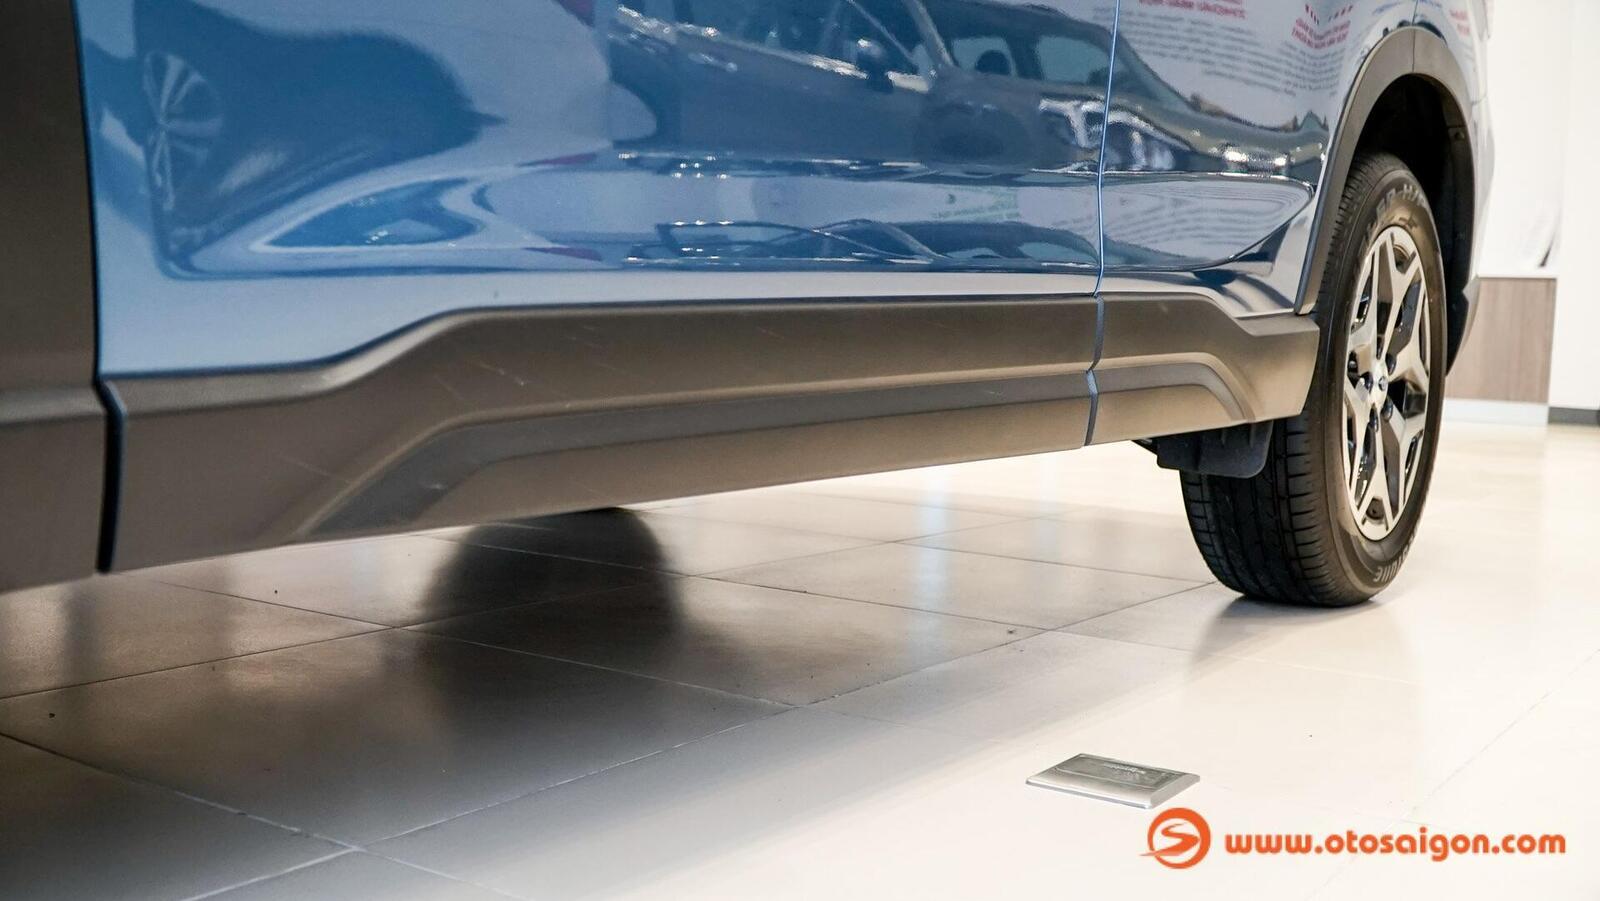 Đánh giá nhanh Subaru Forester thế hệ mới và sự khác biệt giữa hai phiên bản - Hình 15